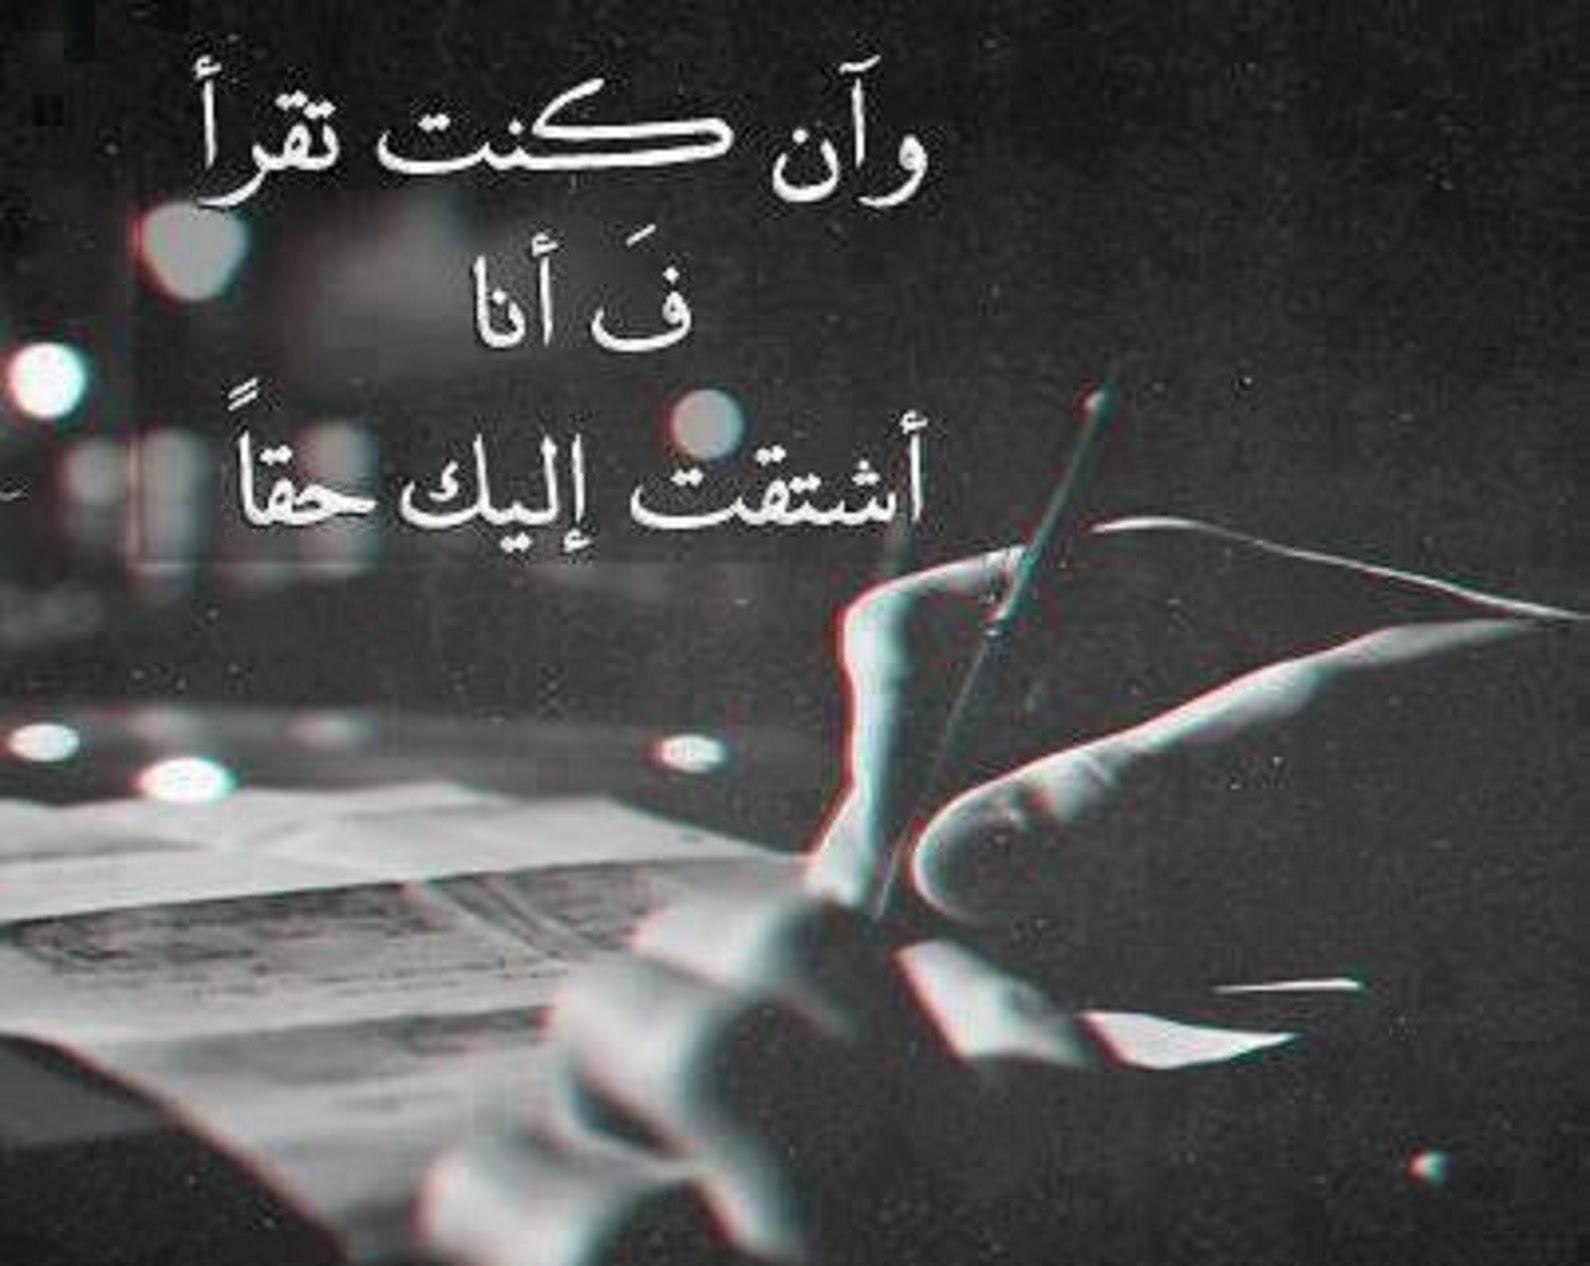 بالصور احلى صور حزينه , حاله الحزن والصور التى تعبر عنها 5983 2